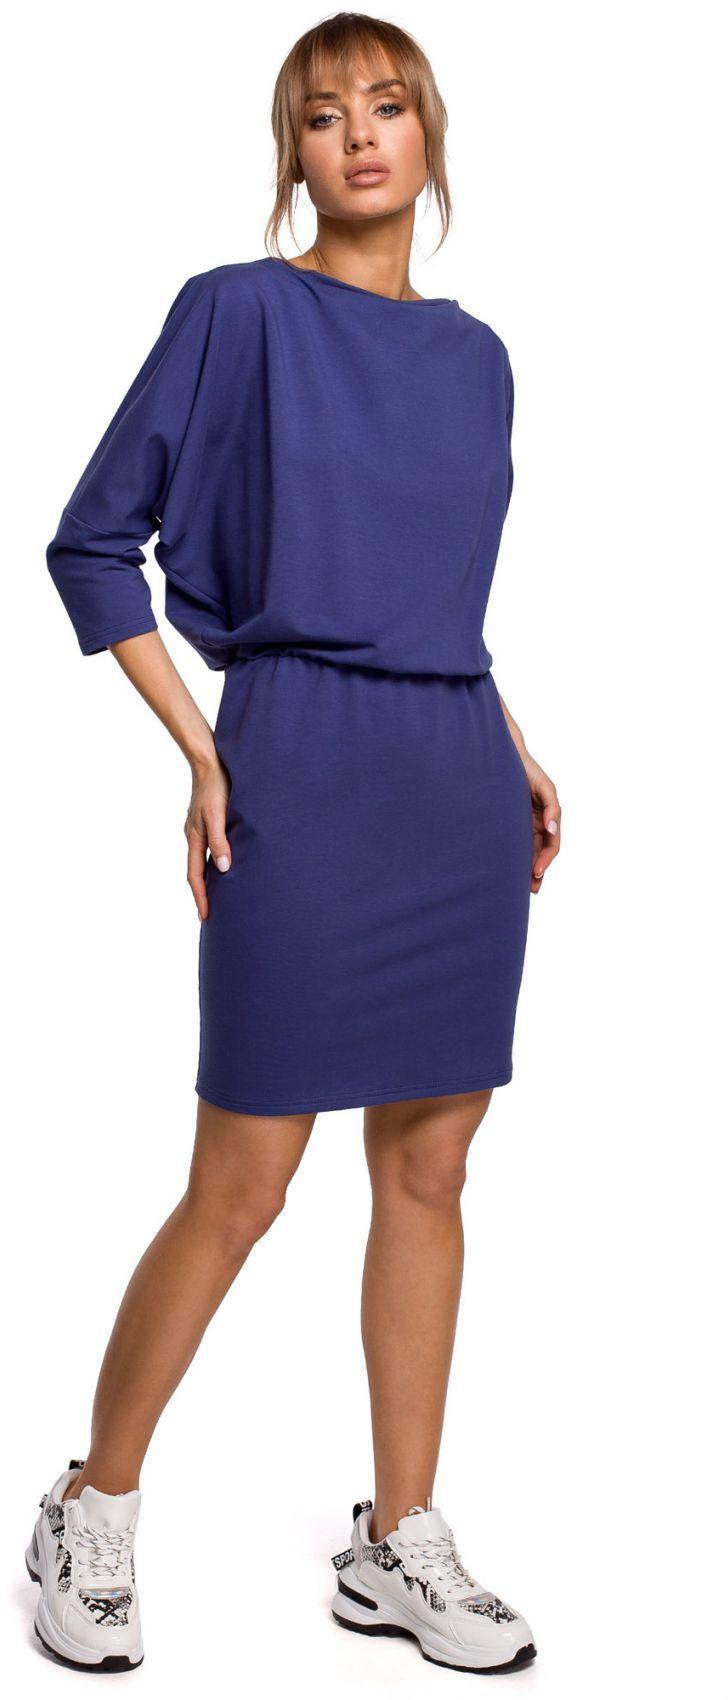 M495 Sukienka mini z lampasem do regulacji z tyłu - indygo